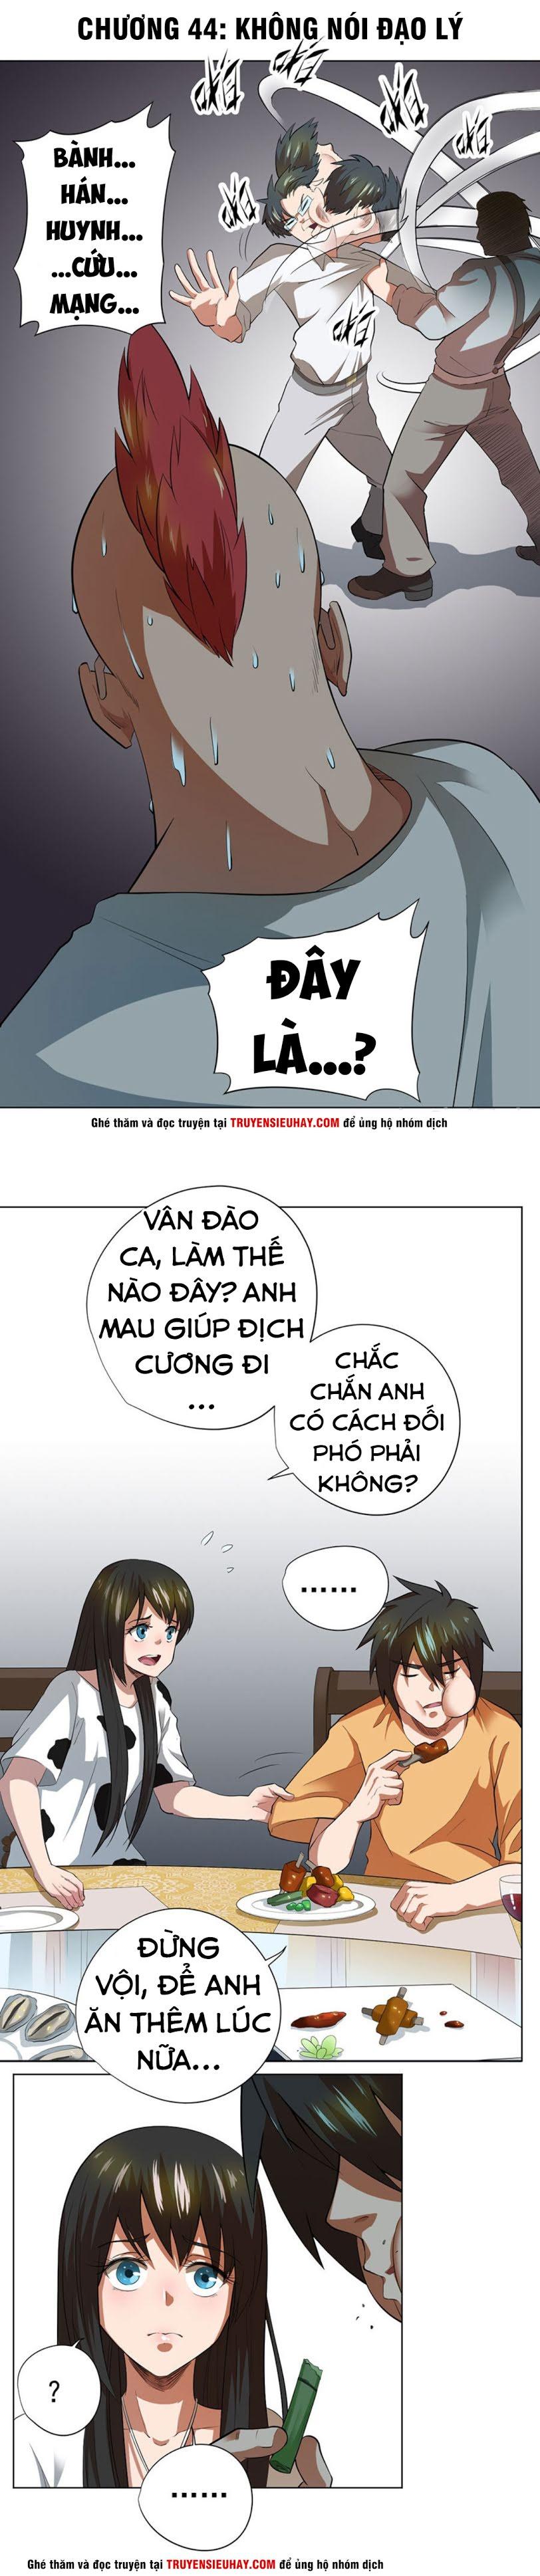 Nghịch Thiên Thần Y Chapter 44 video Upload bởi truyenmh.com